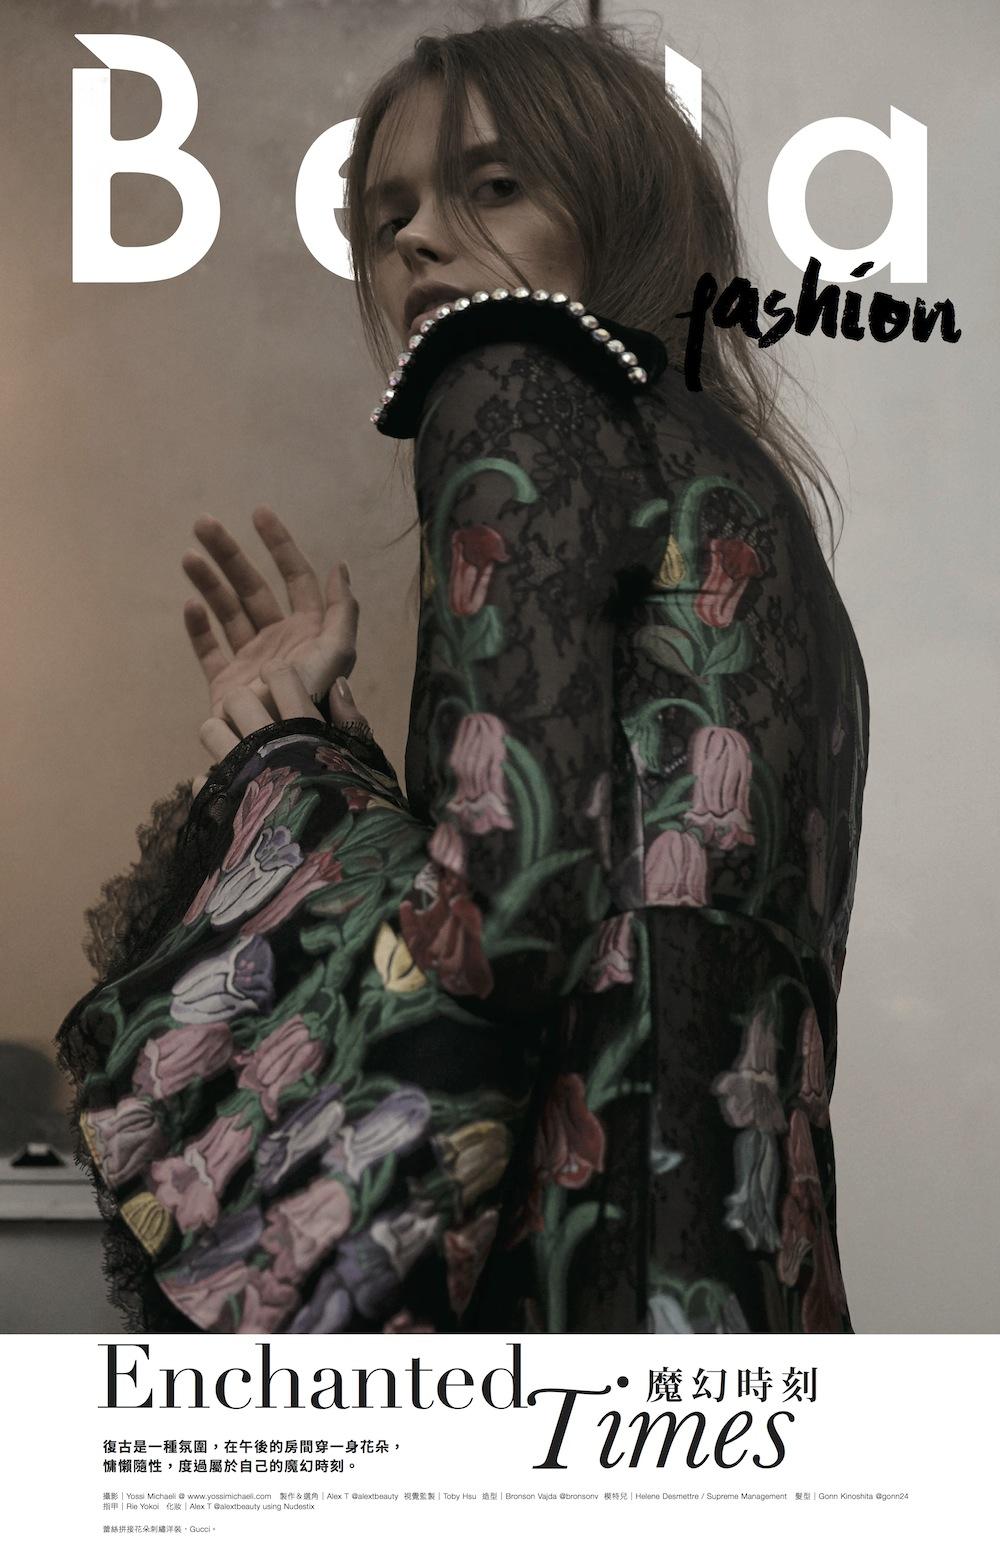 fashion well-上傳01 copy.jpg